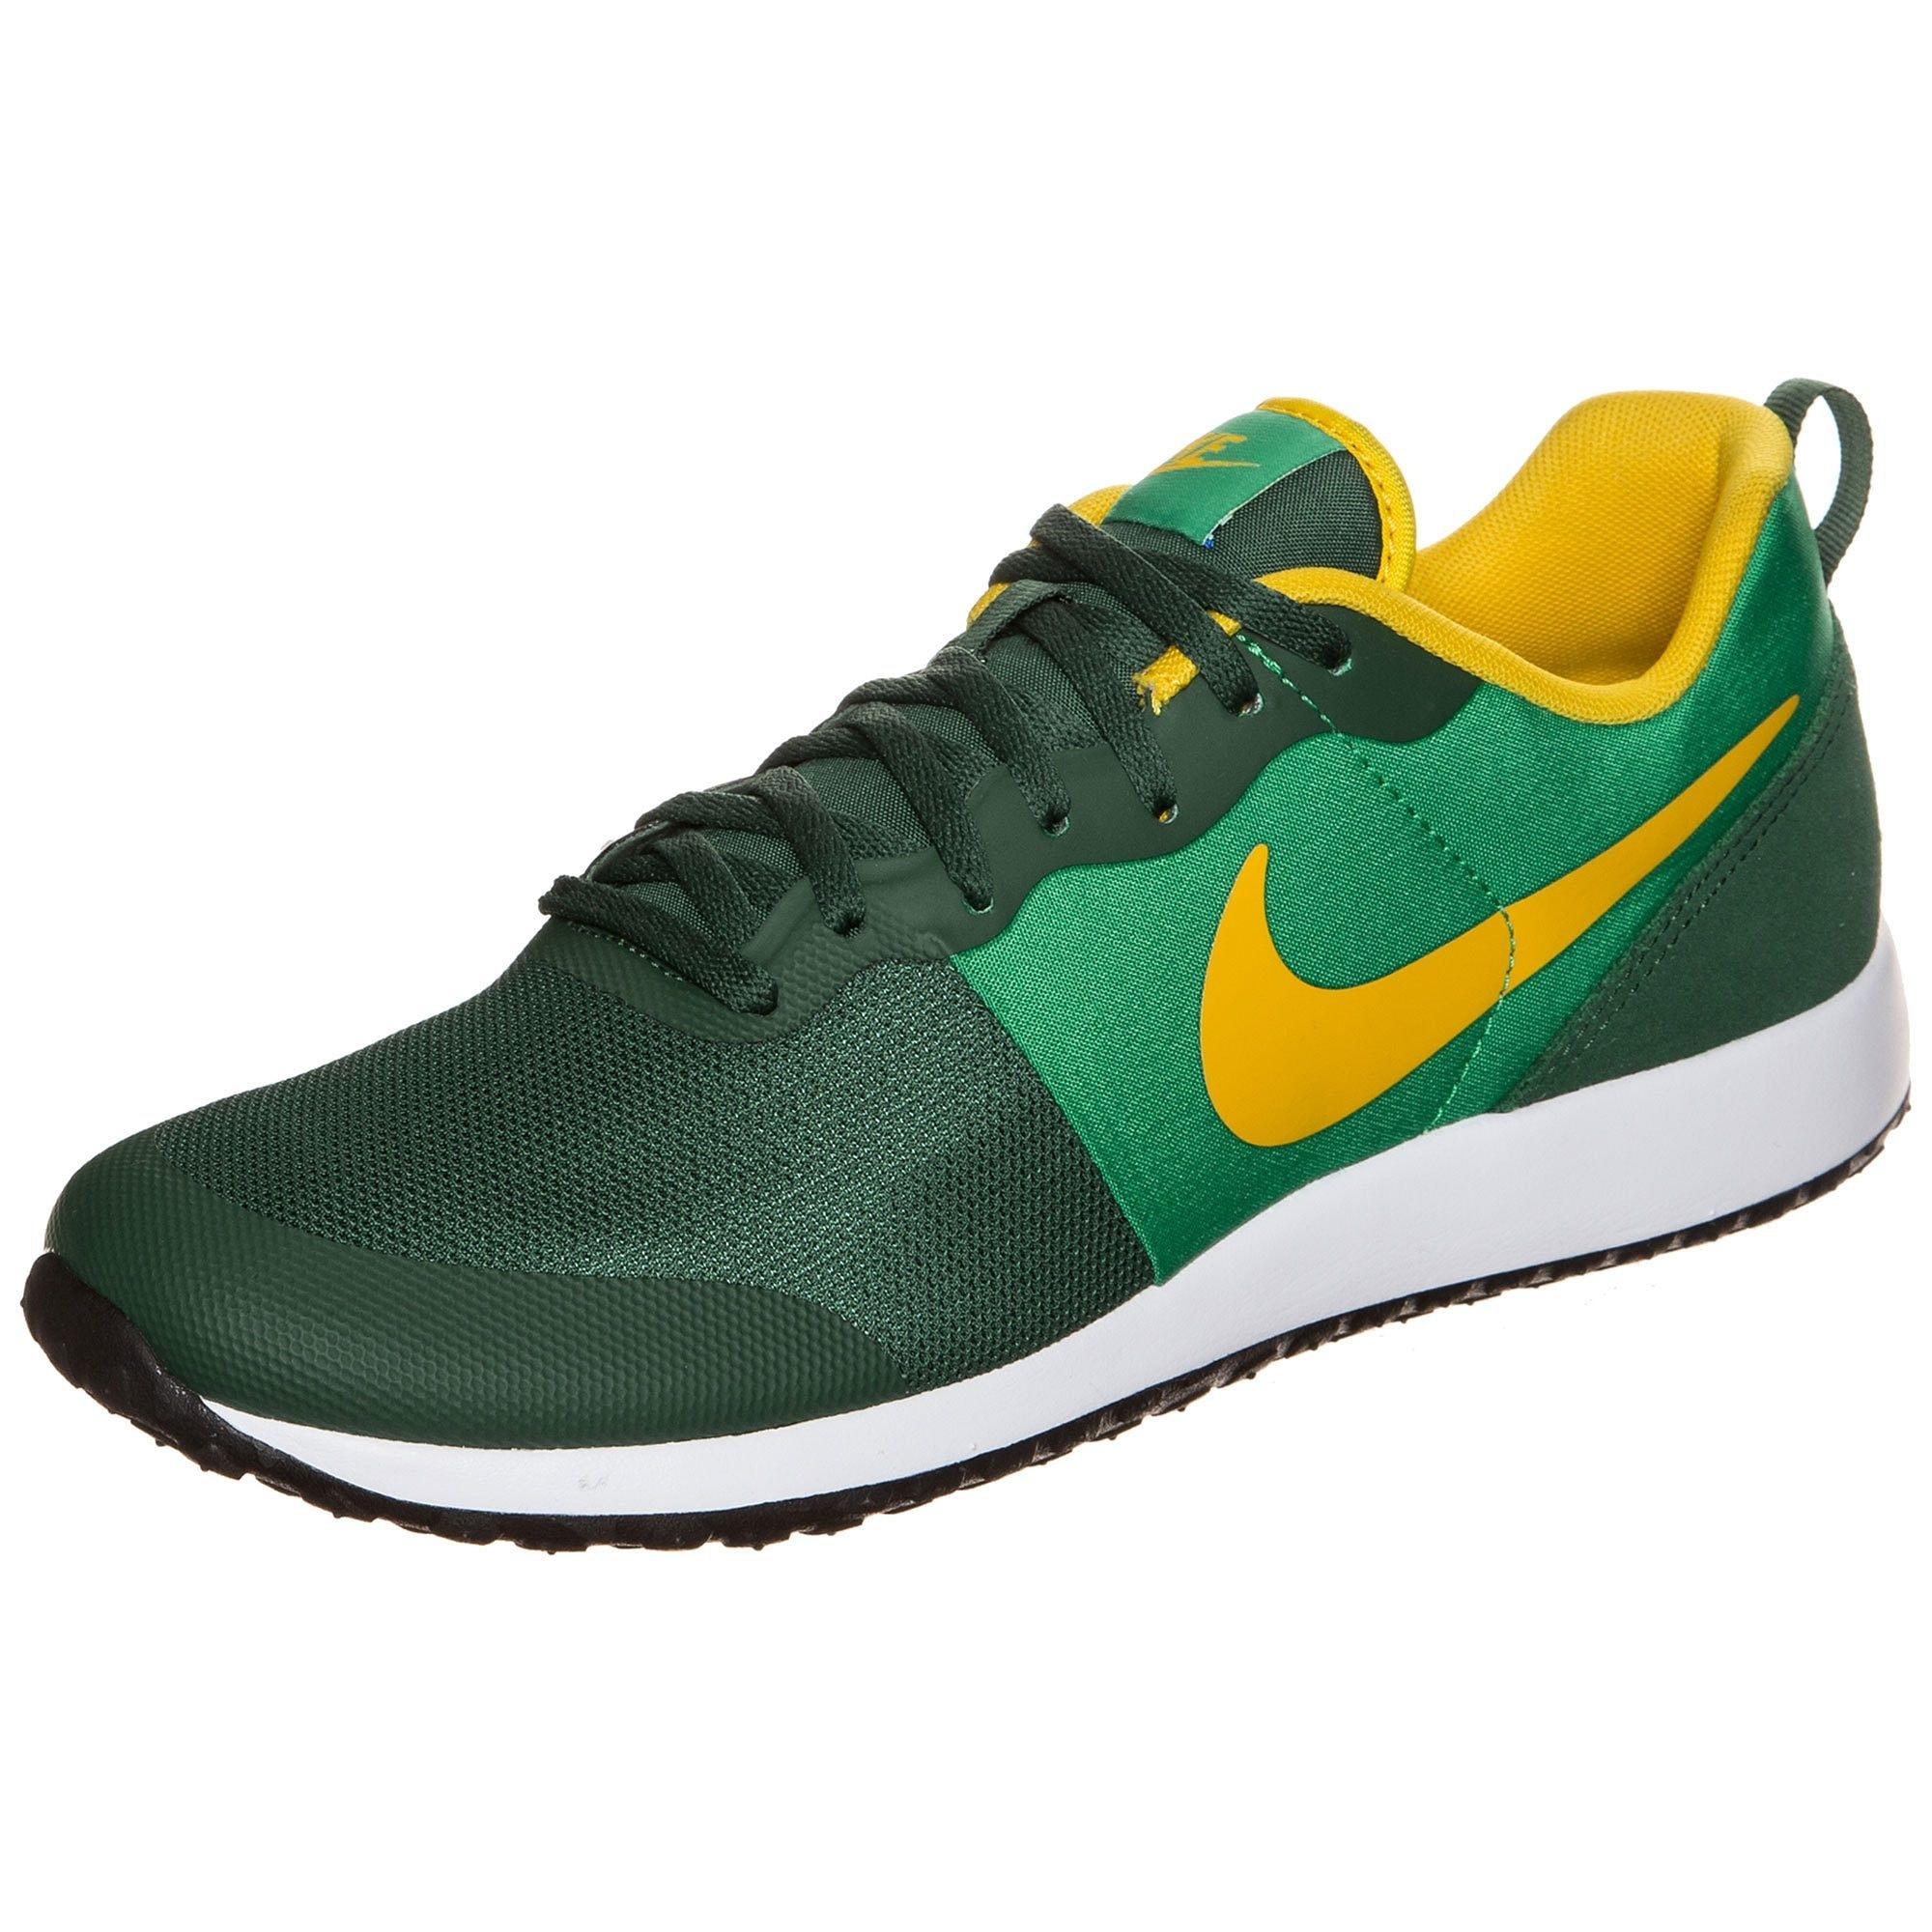 Nike Elite Shinsen Grün Gelb Herren Sneakers Günstig Kaufen